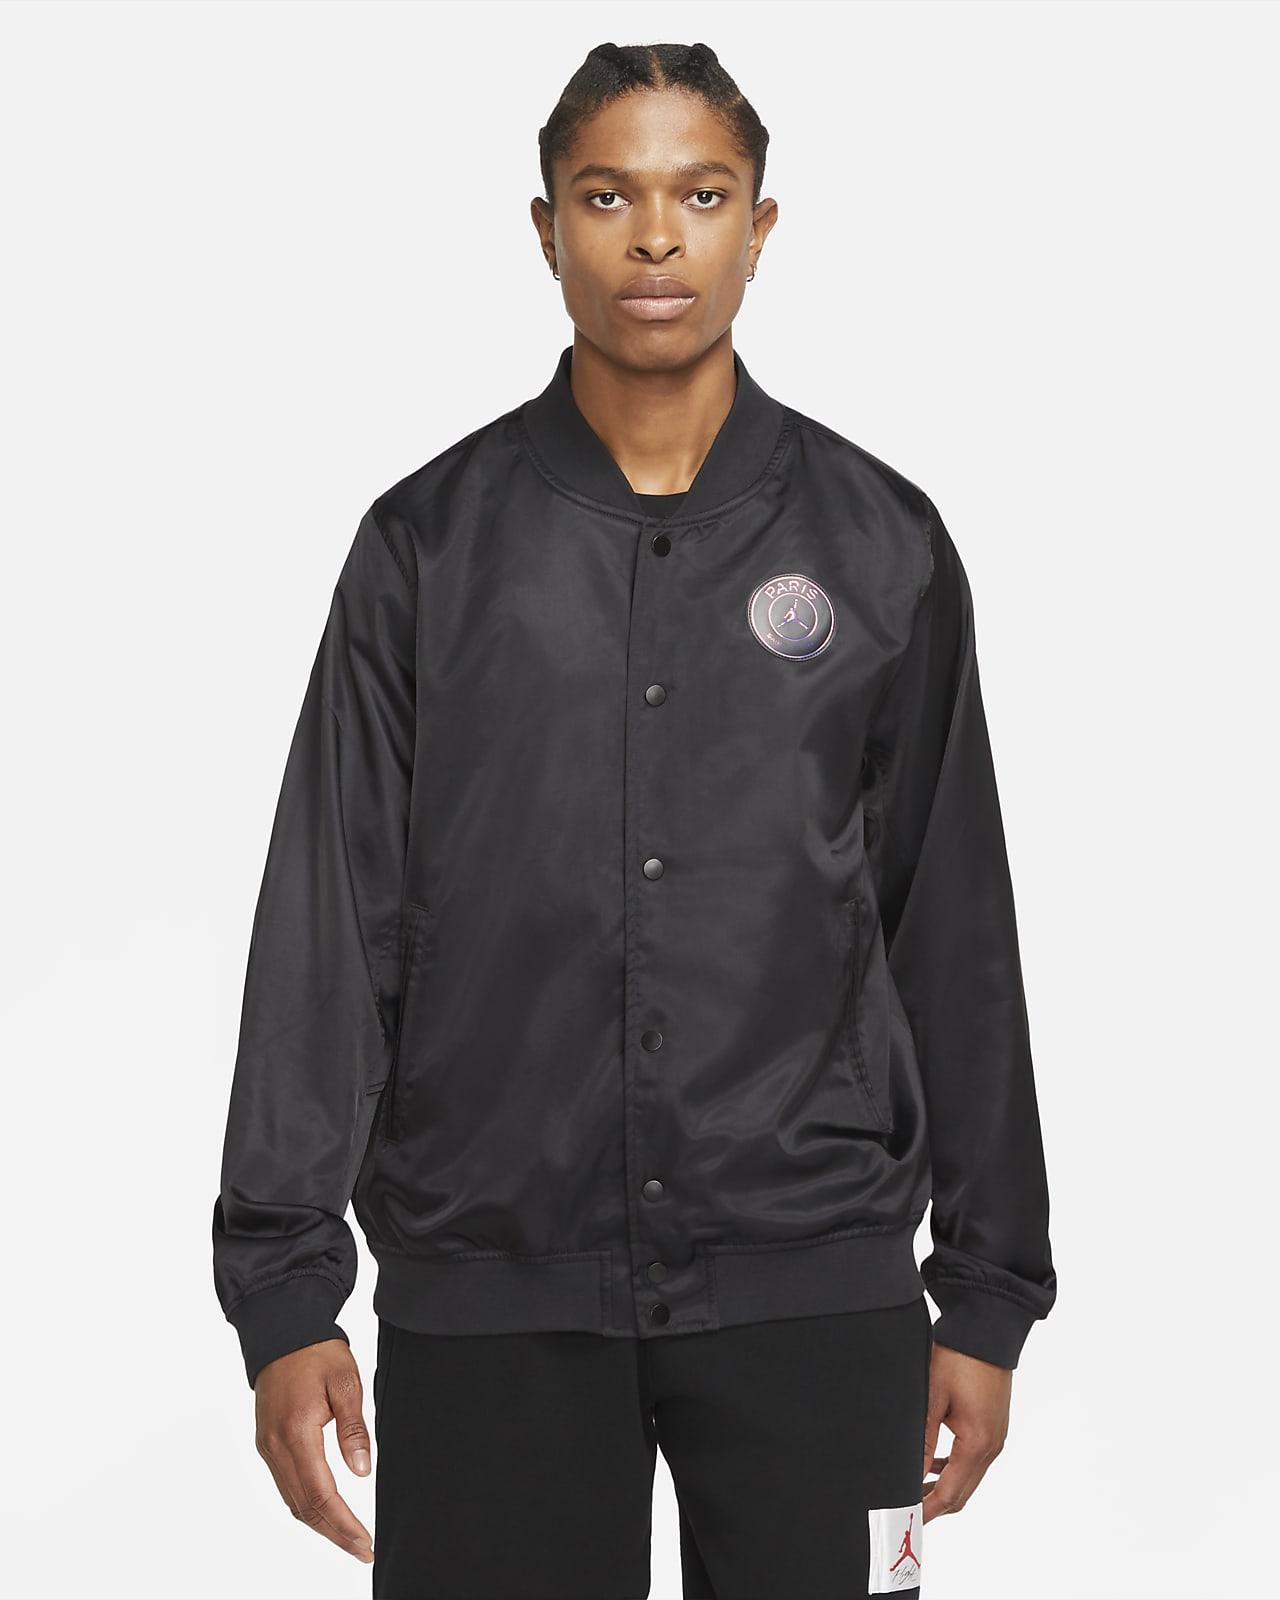 Мужская тренерская куртка Paris Saint-Germain